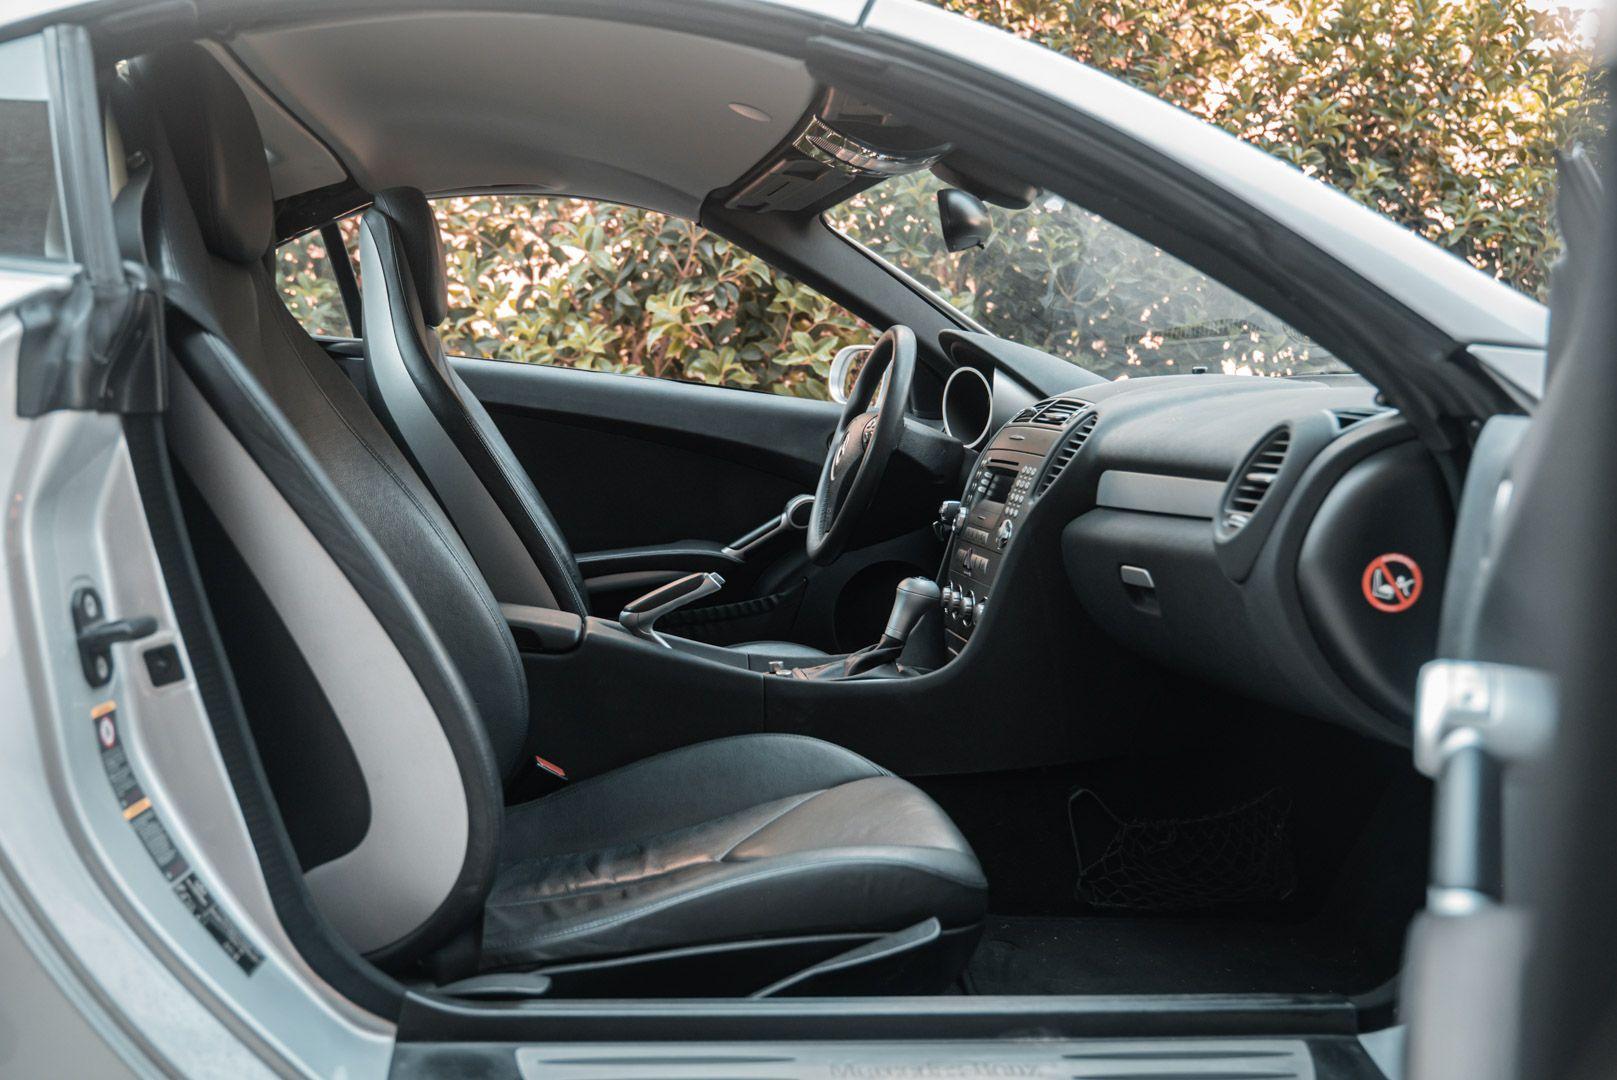 2004 Mercedes Benz SLK 200 Kompressor 80683